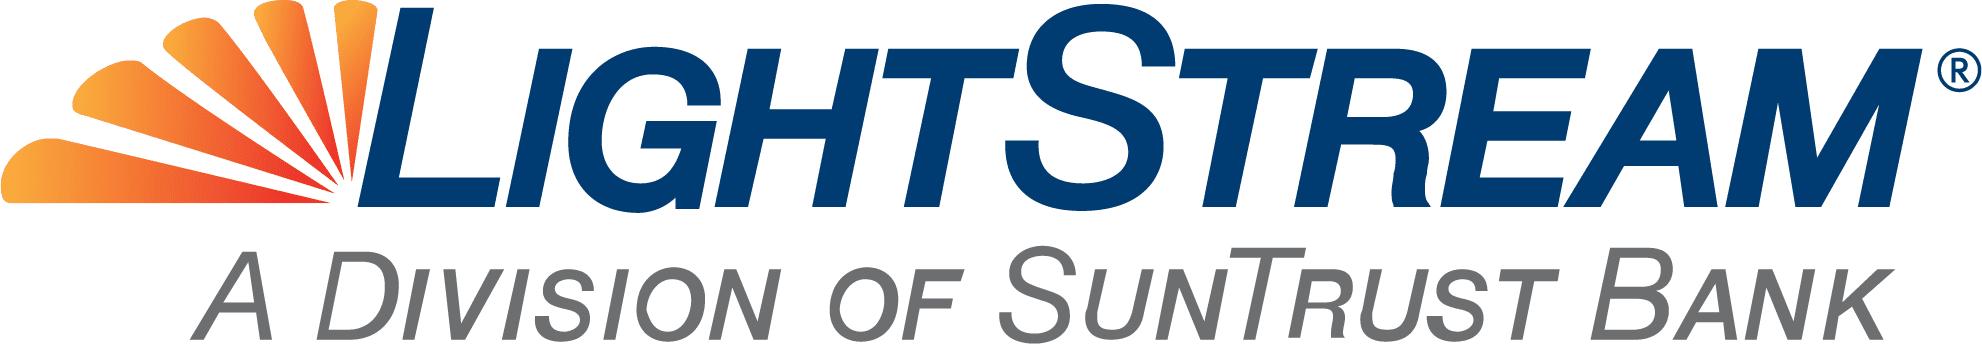 Lightstream Logo 1